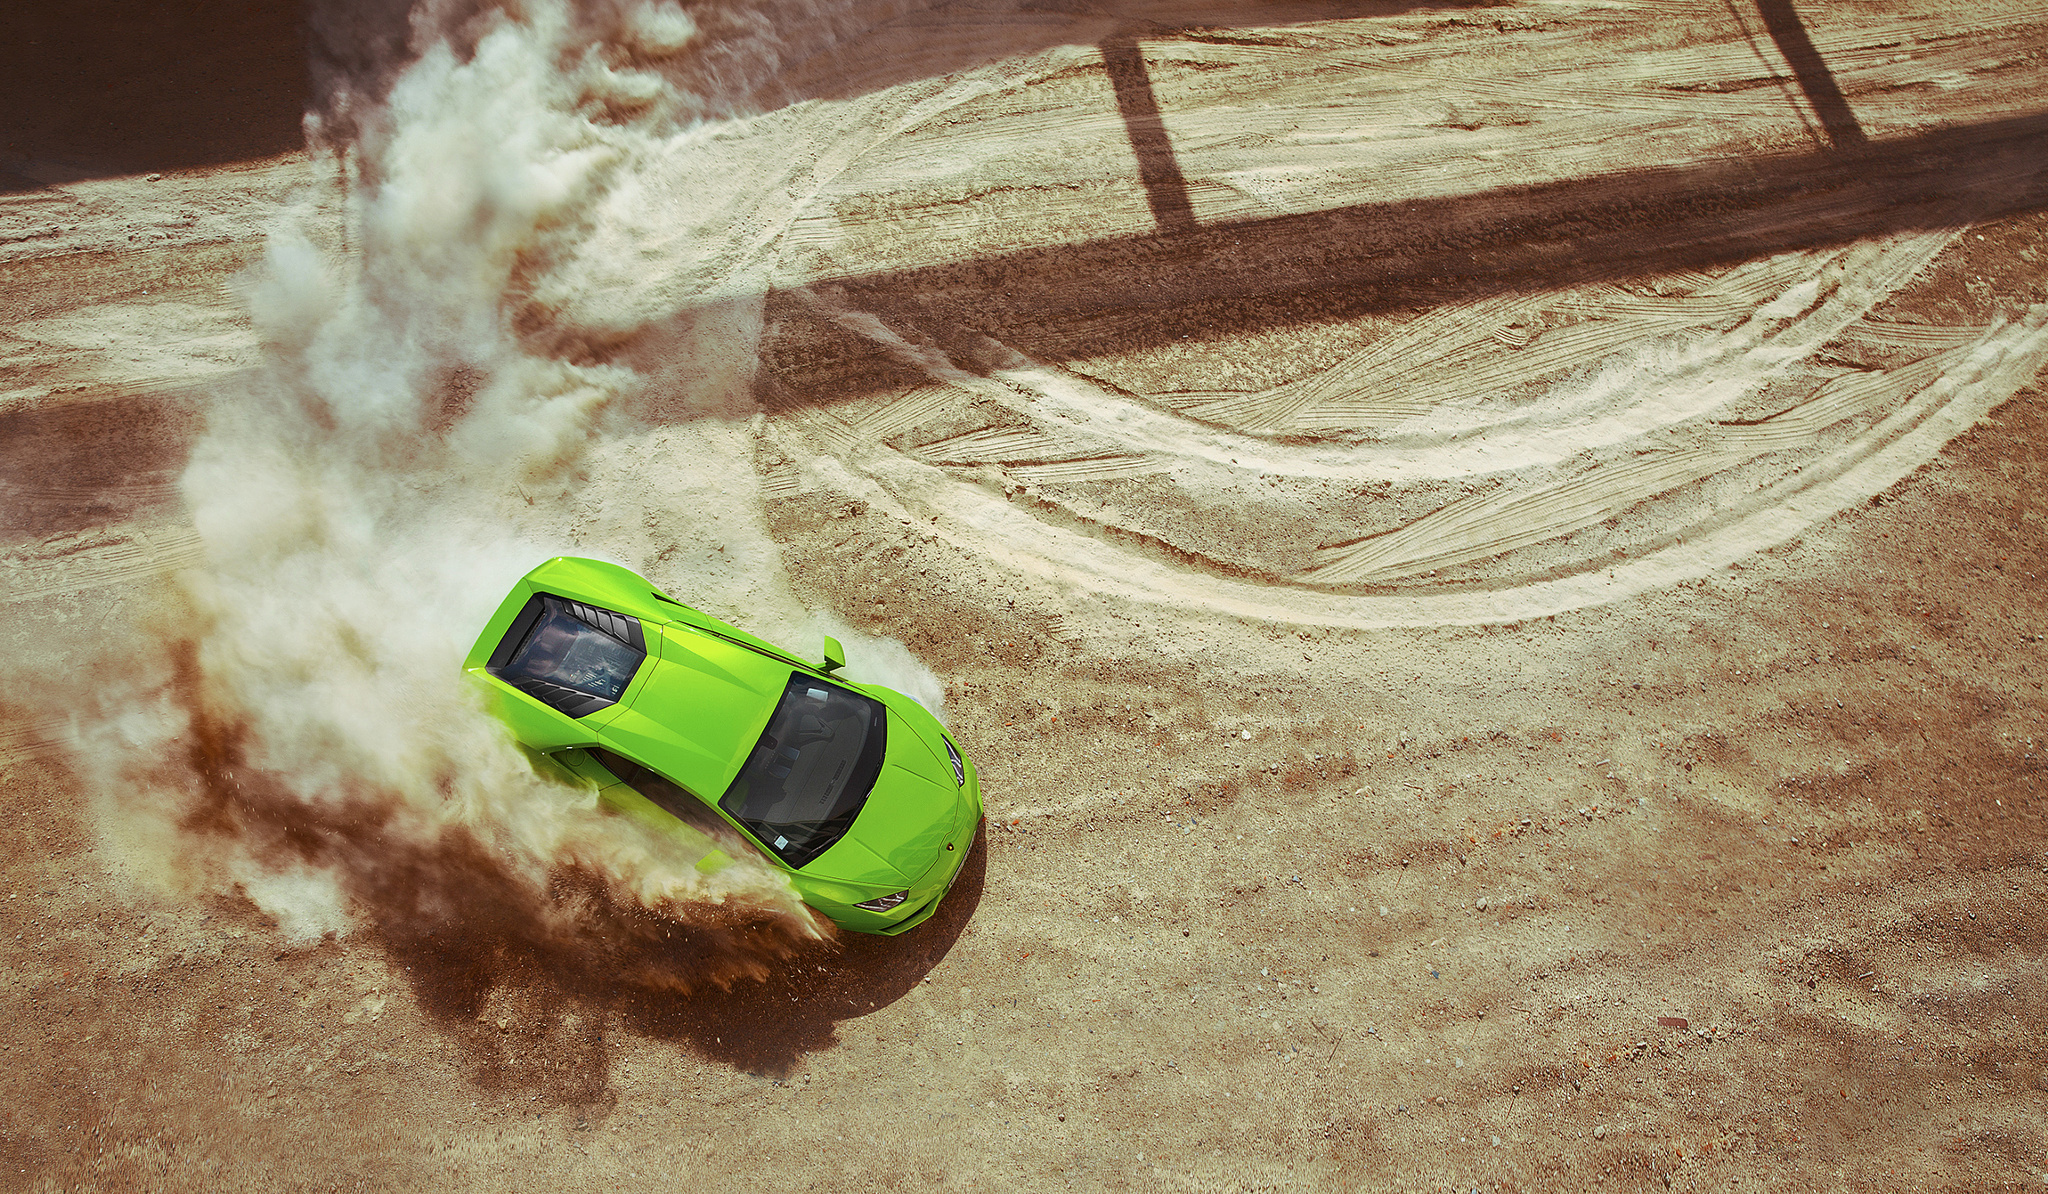 63865 Заставки и Обои Ламборджини (Lamborghini) на телефон. Скачать Ламборджини (Lamborghini), Дрифт, Тачки (Cars), Зеленый, Lp640-4, Huracan картинки бесплатно